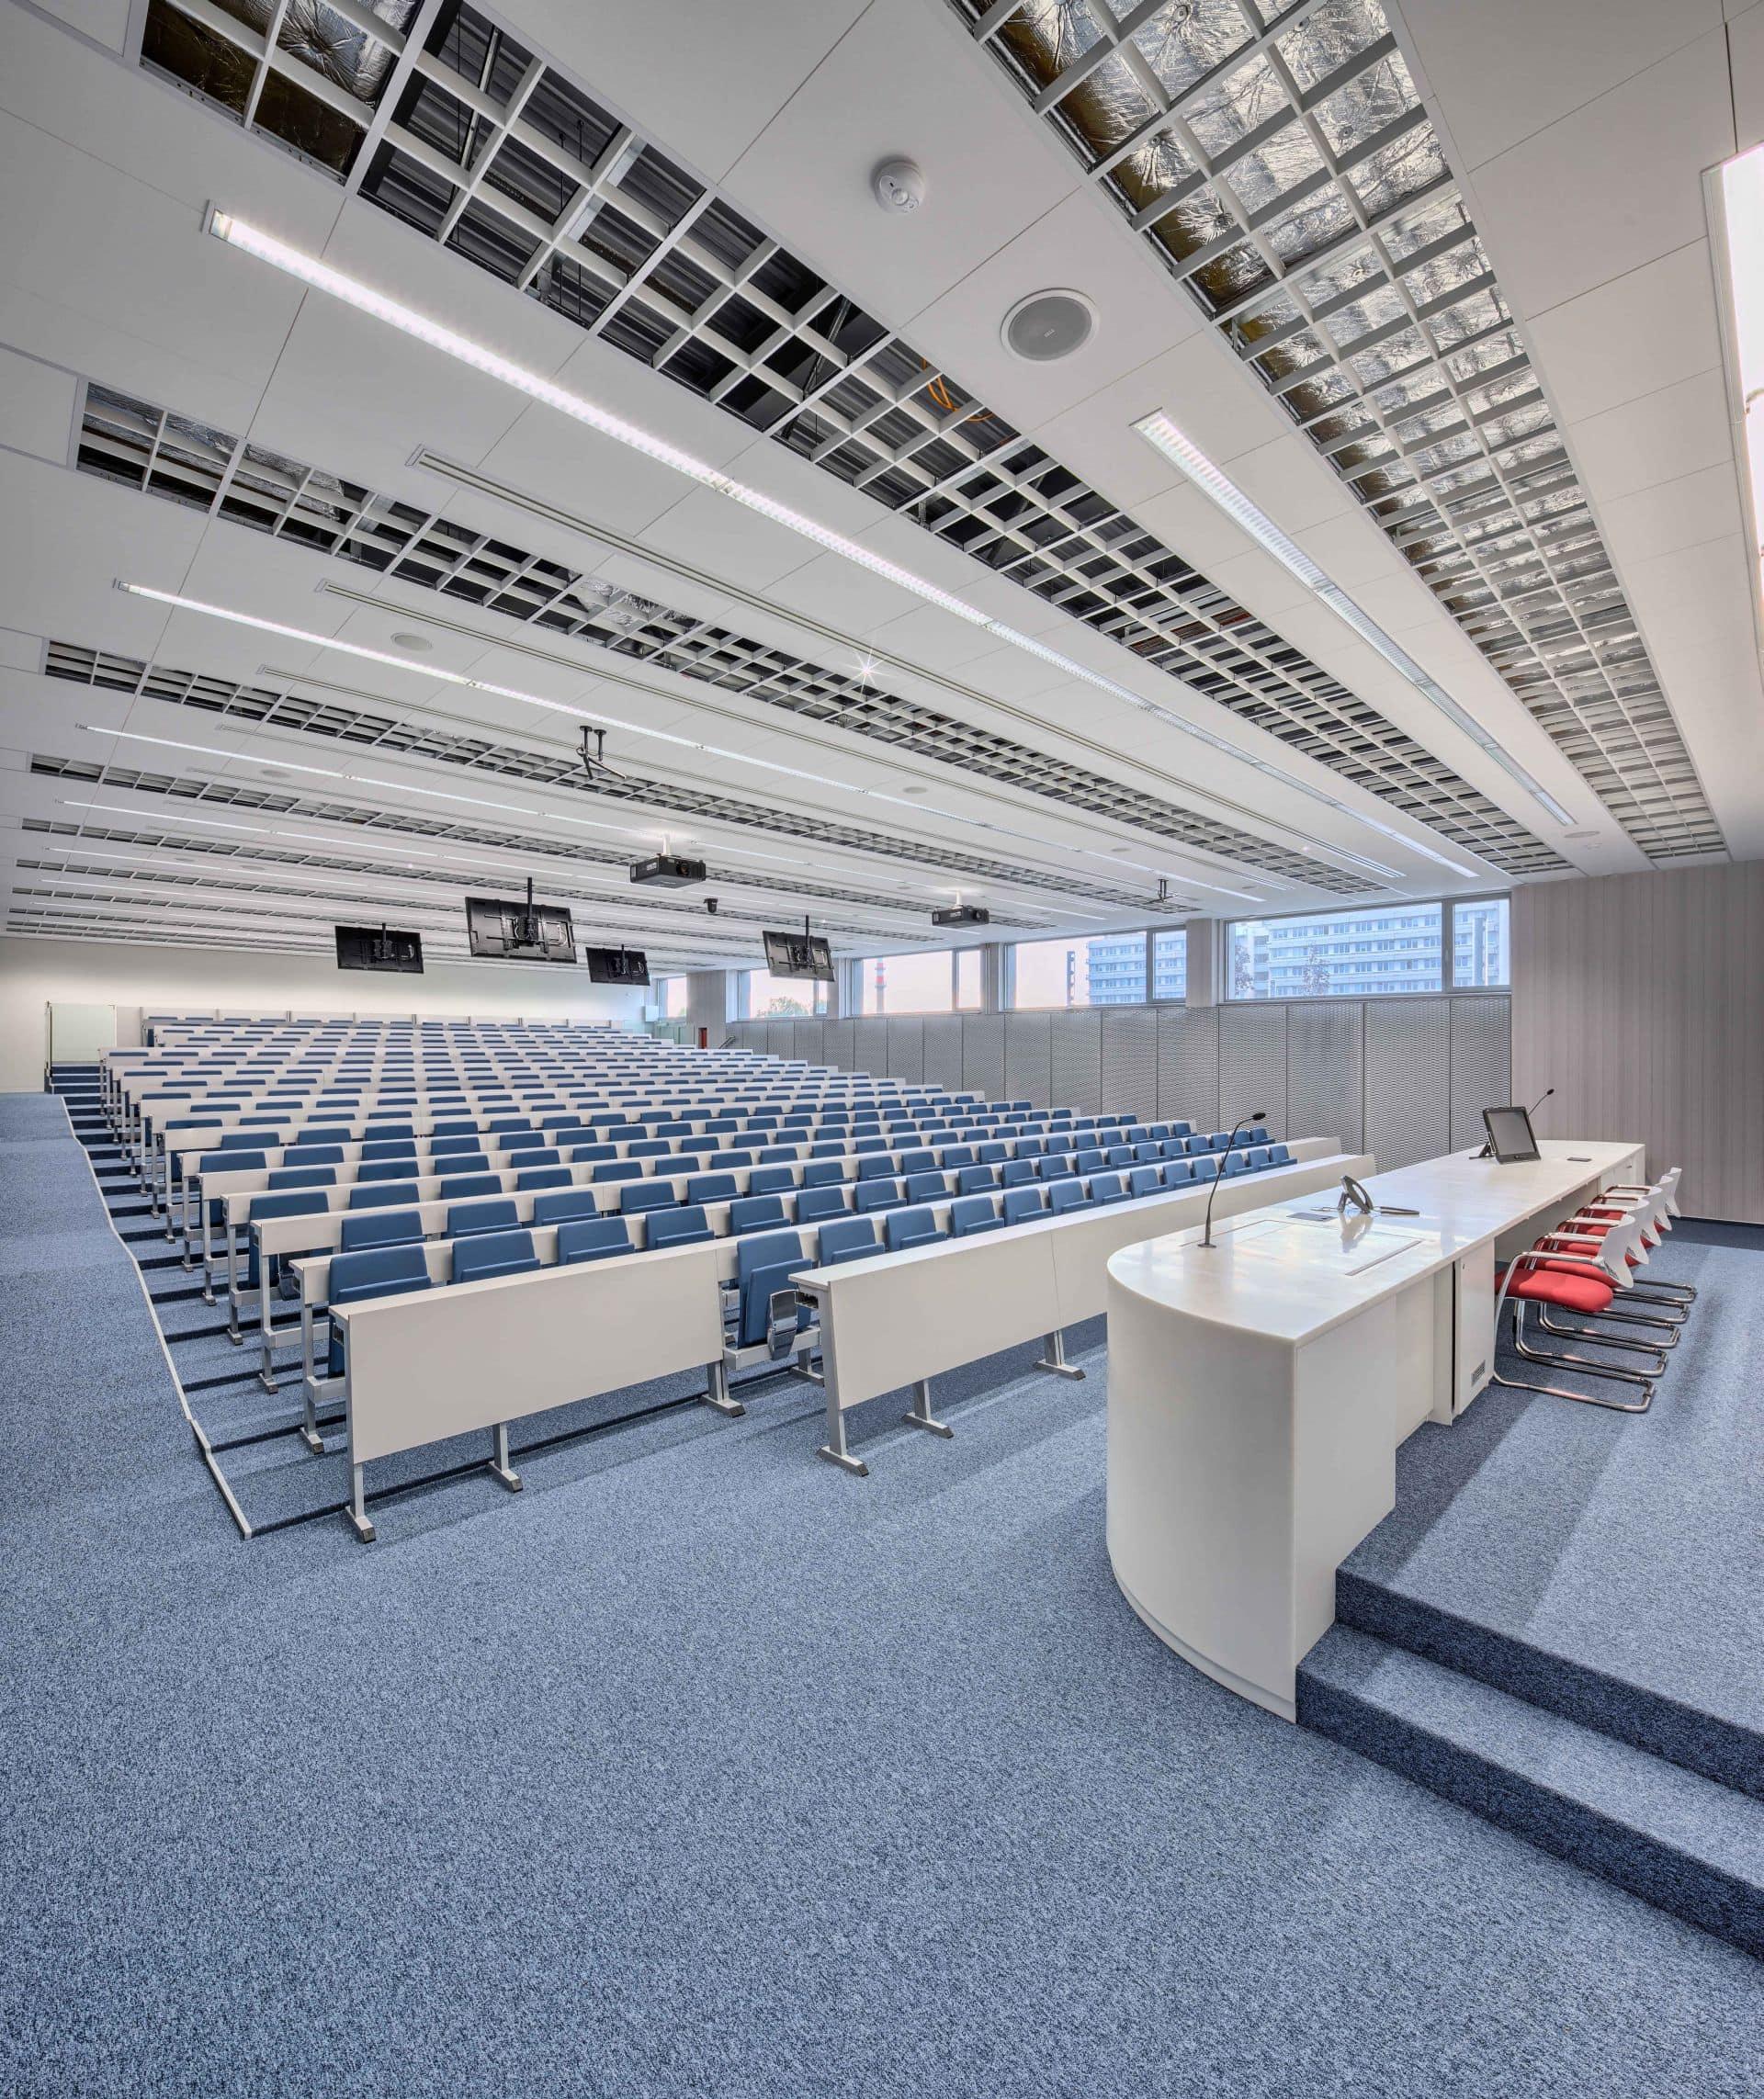 Ateneo 2.014, University of Hradec Králové